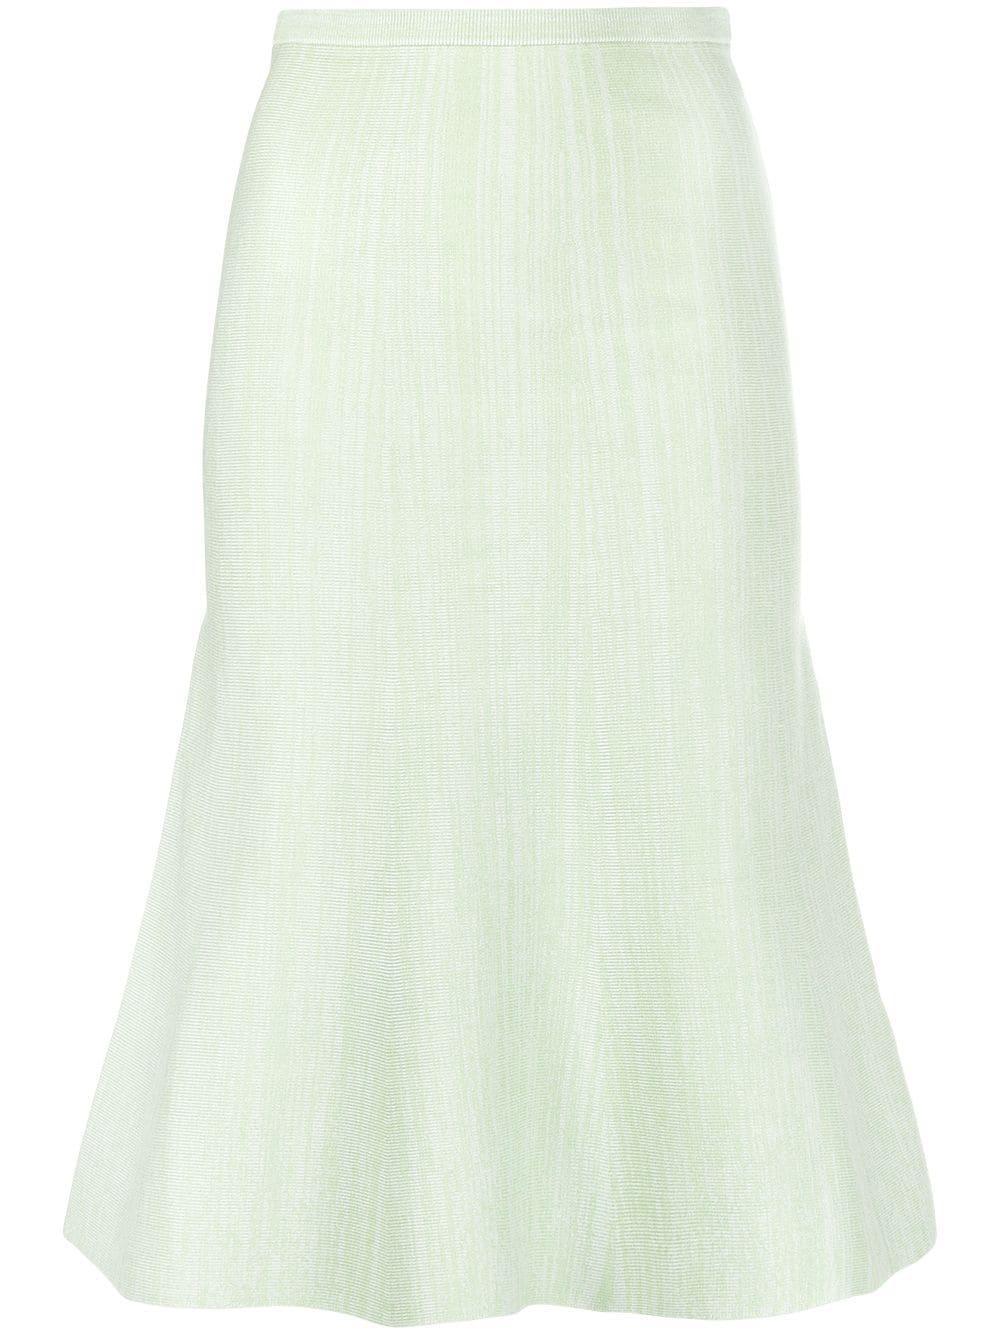 Fluted Marl Knit Skirt Item # 2121KSK002306A